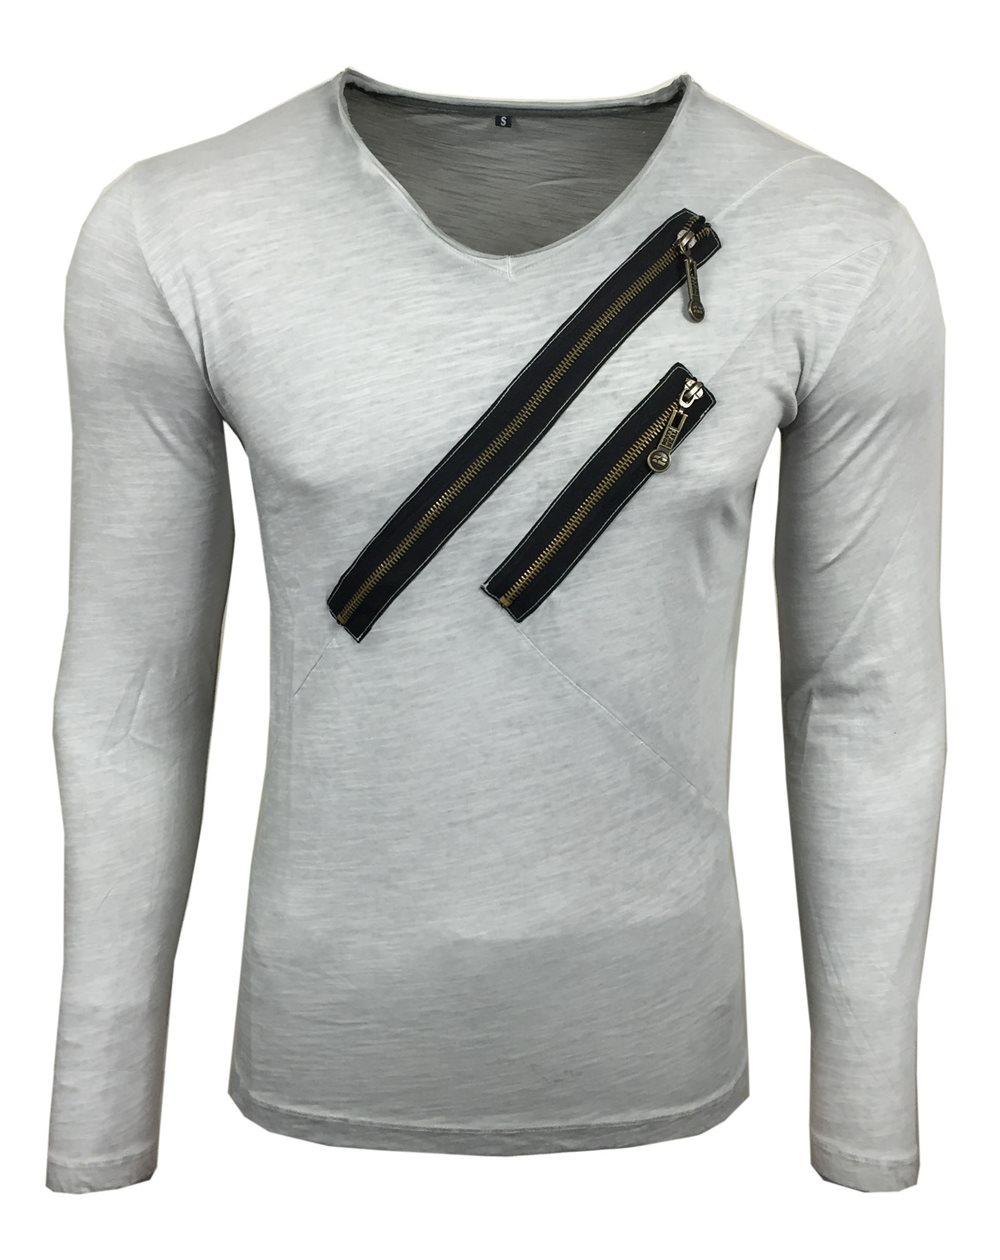 Subliminal Mode - Tee shirt delaver homme manches longues col V avec fermeture décor SB10122